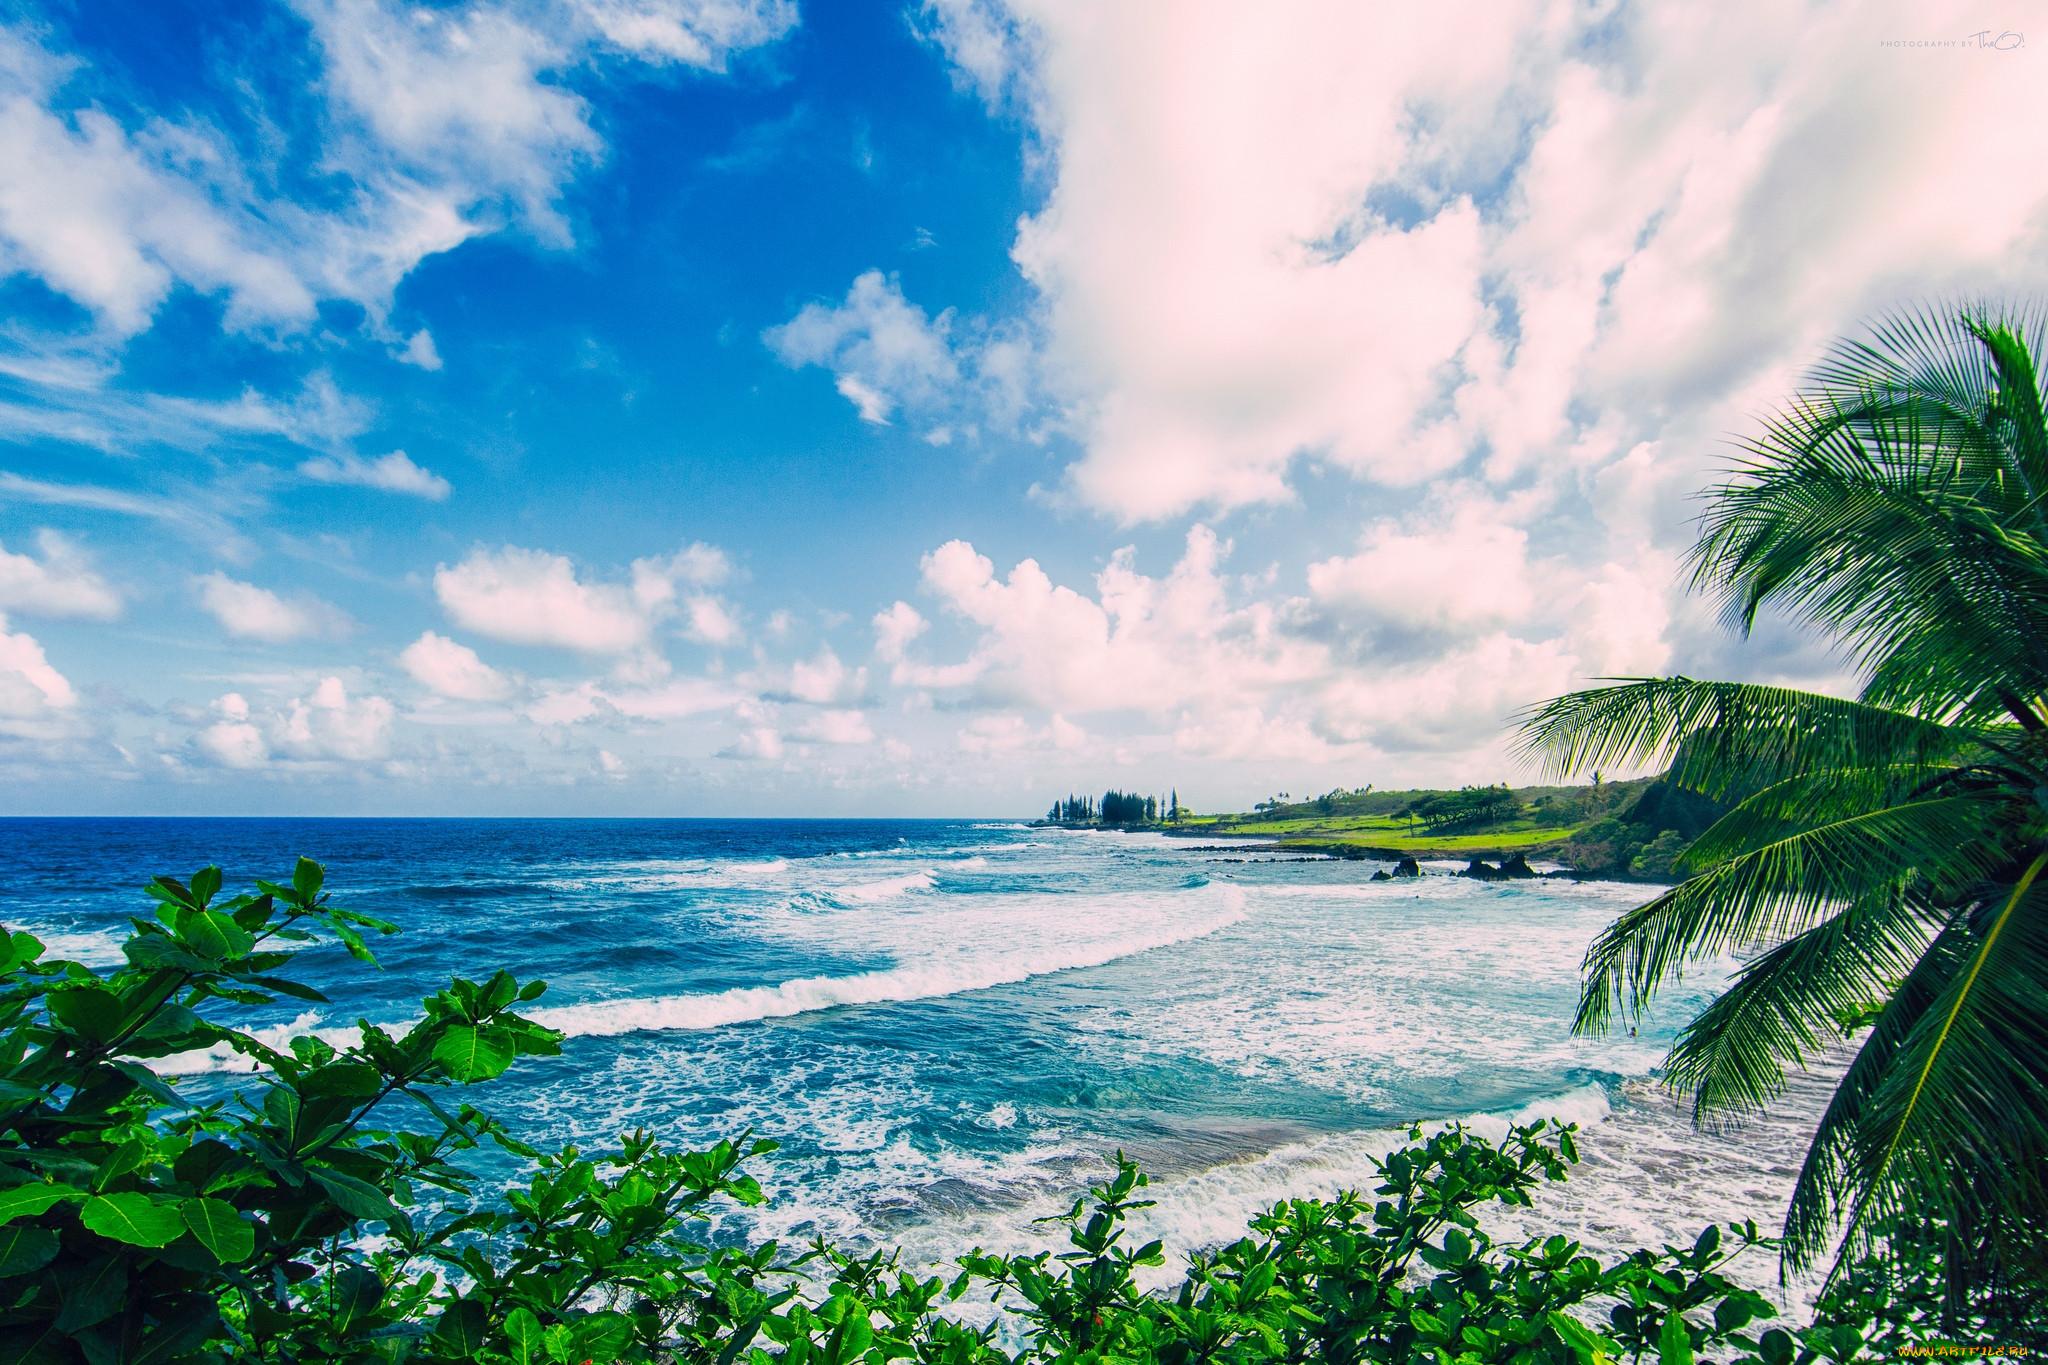 бесплатно широкоформатные картинка море с пальмами большого разрешения крем-суп